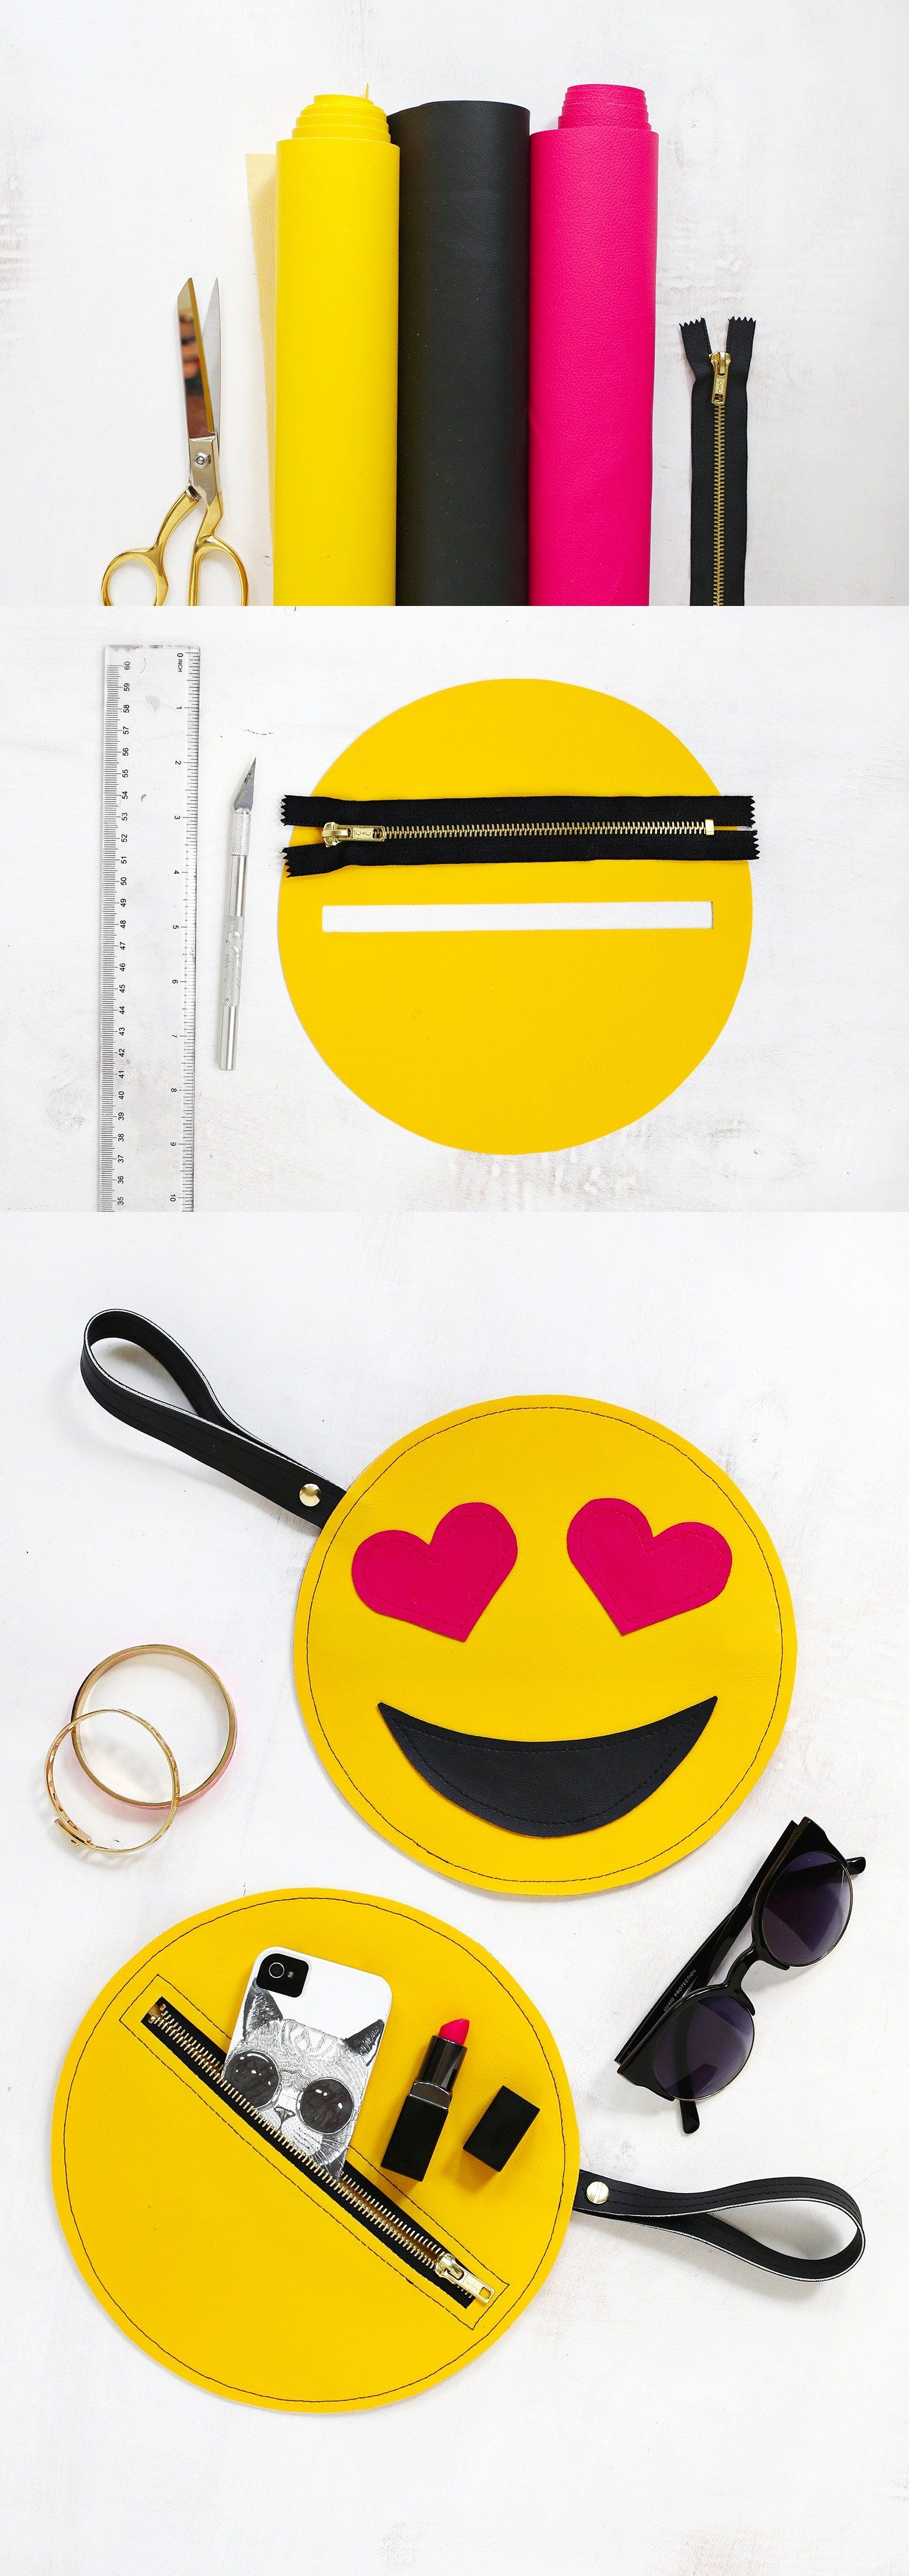 Carterita Emoji Para Accesorios Emoji Diy Diy Sewing Diy Bag